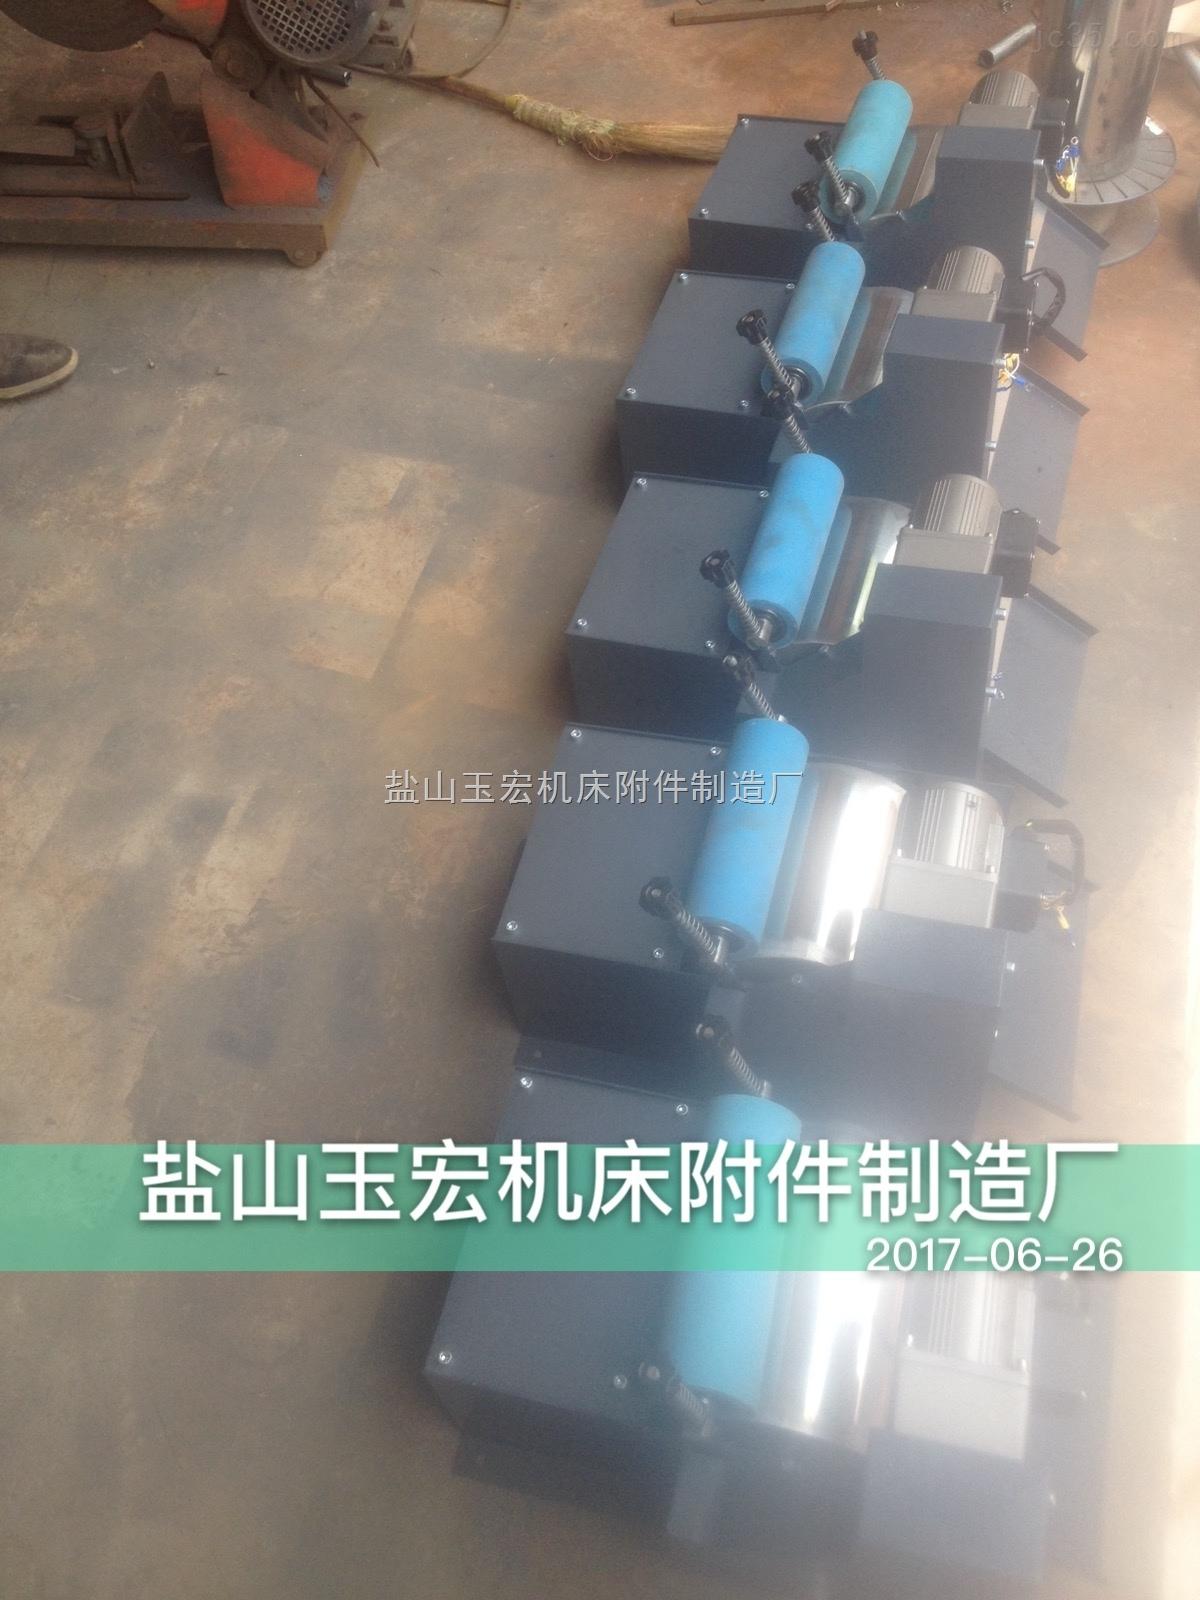 磁性分离器厂家、盐山玉宏(在线咨询)、磁性分离器